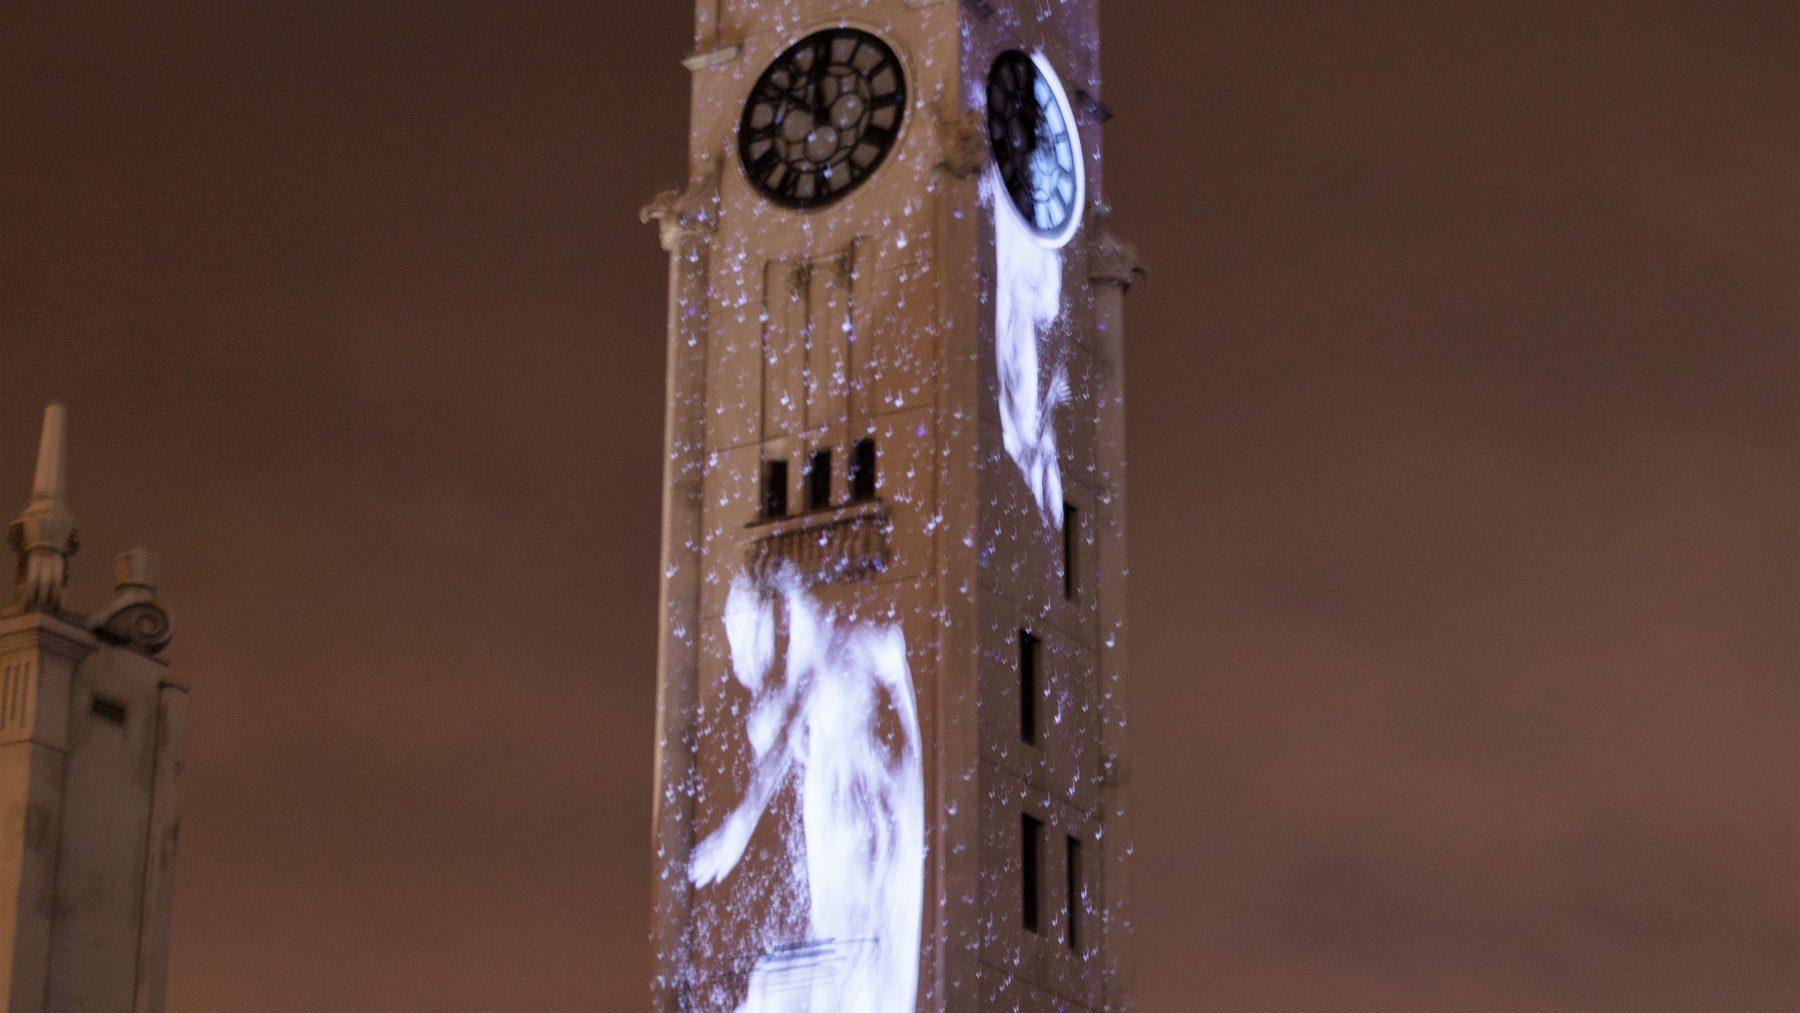 Lit up clocktower at night